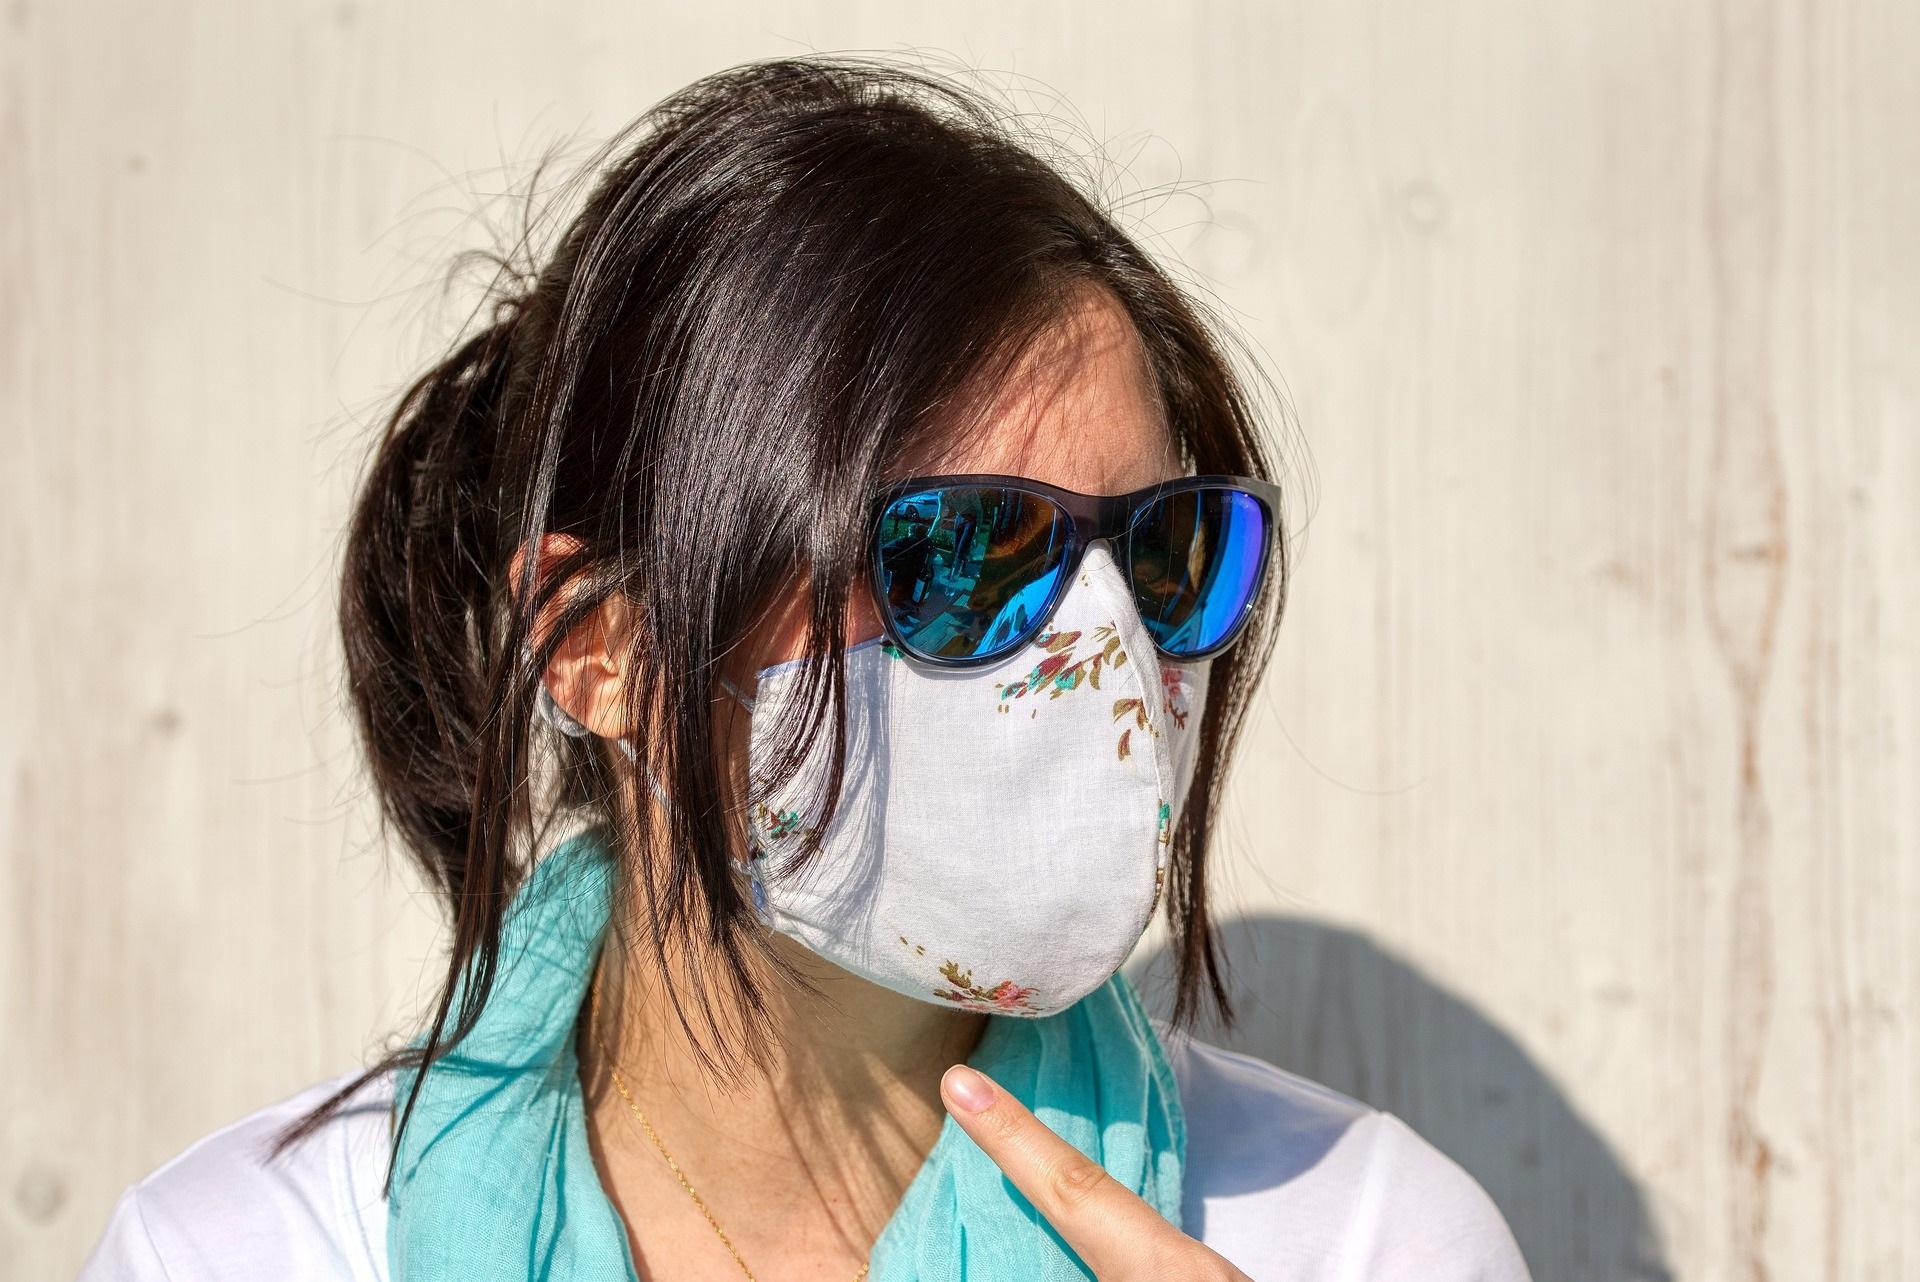 Gesetzliche Unfallversicherung: Maske nur mit Pause!